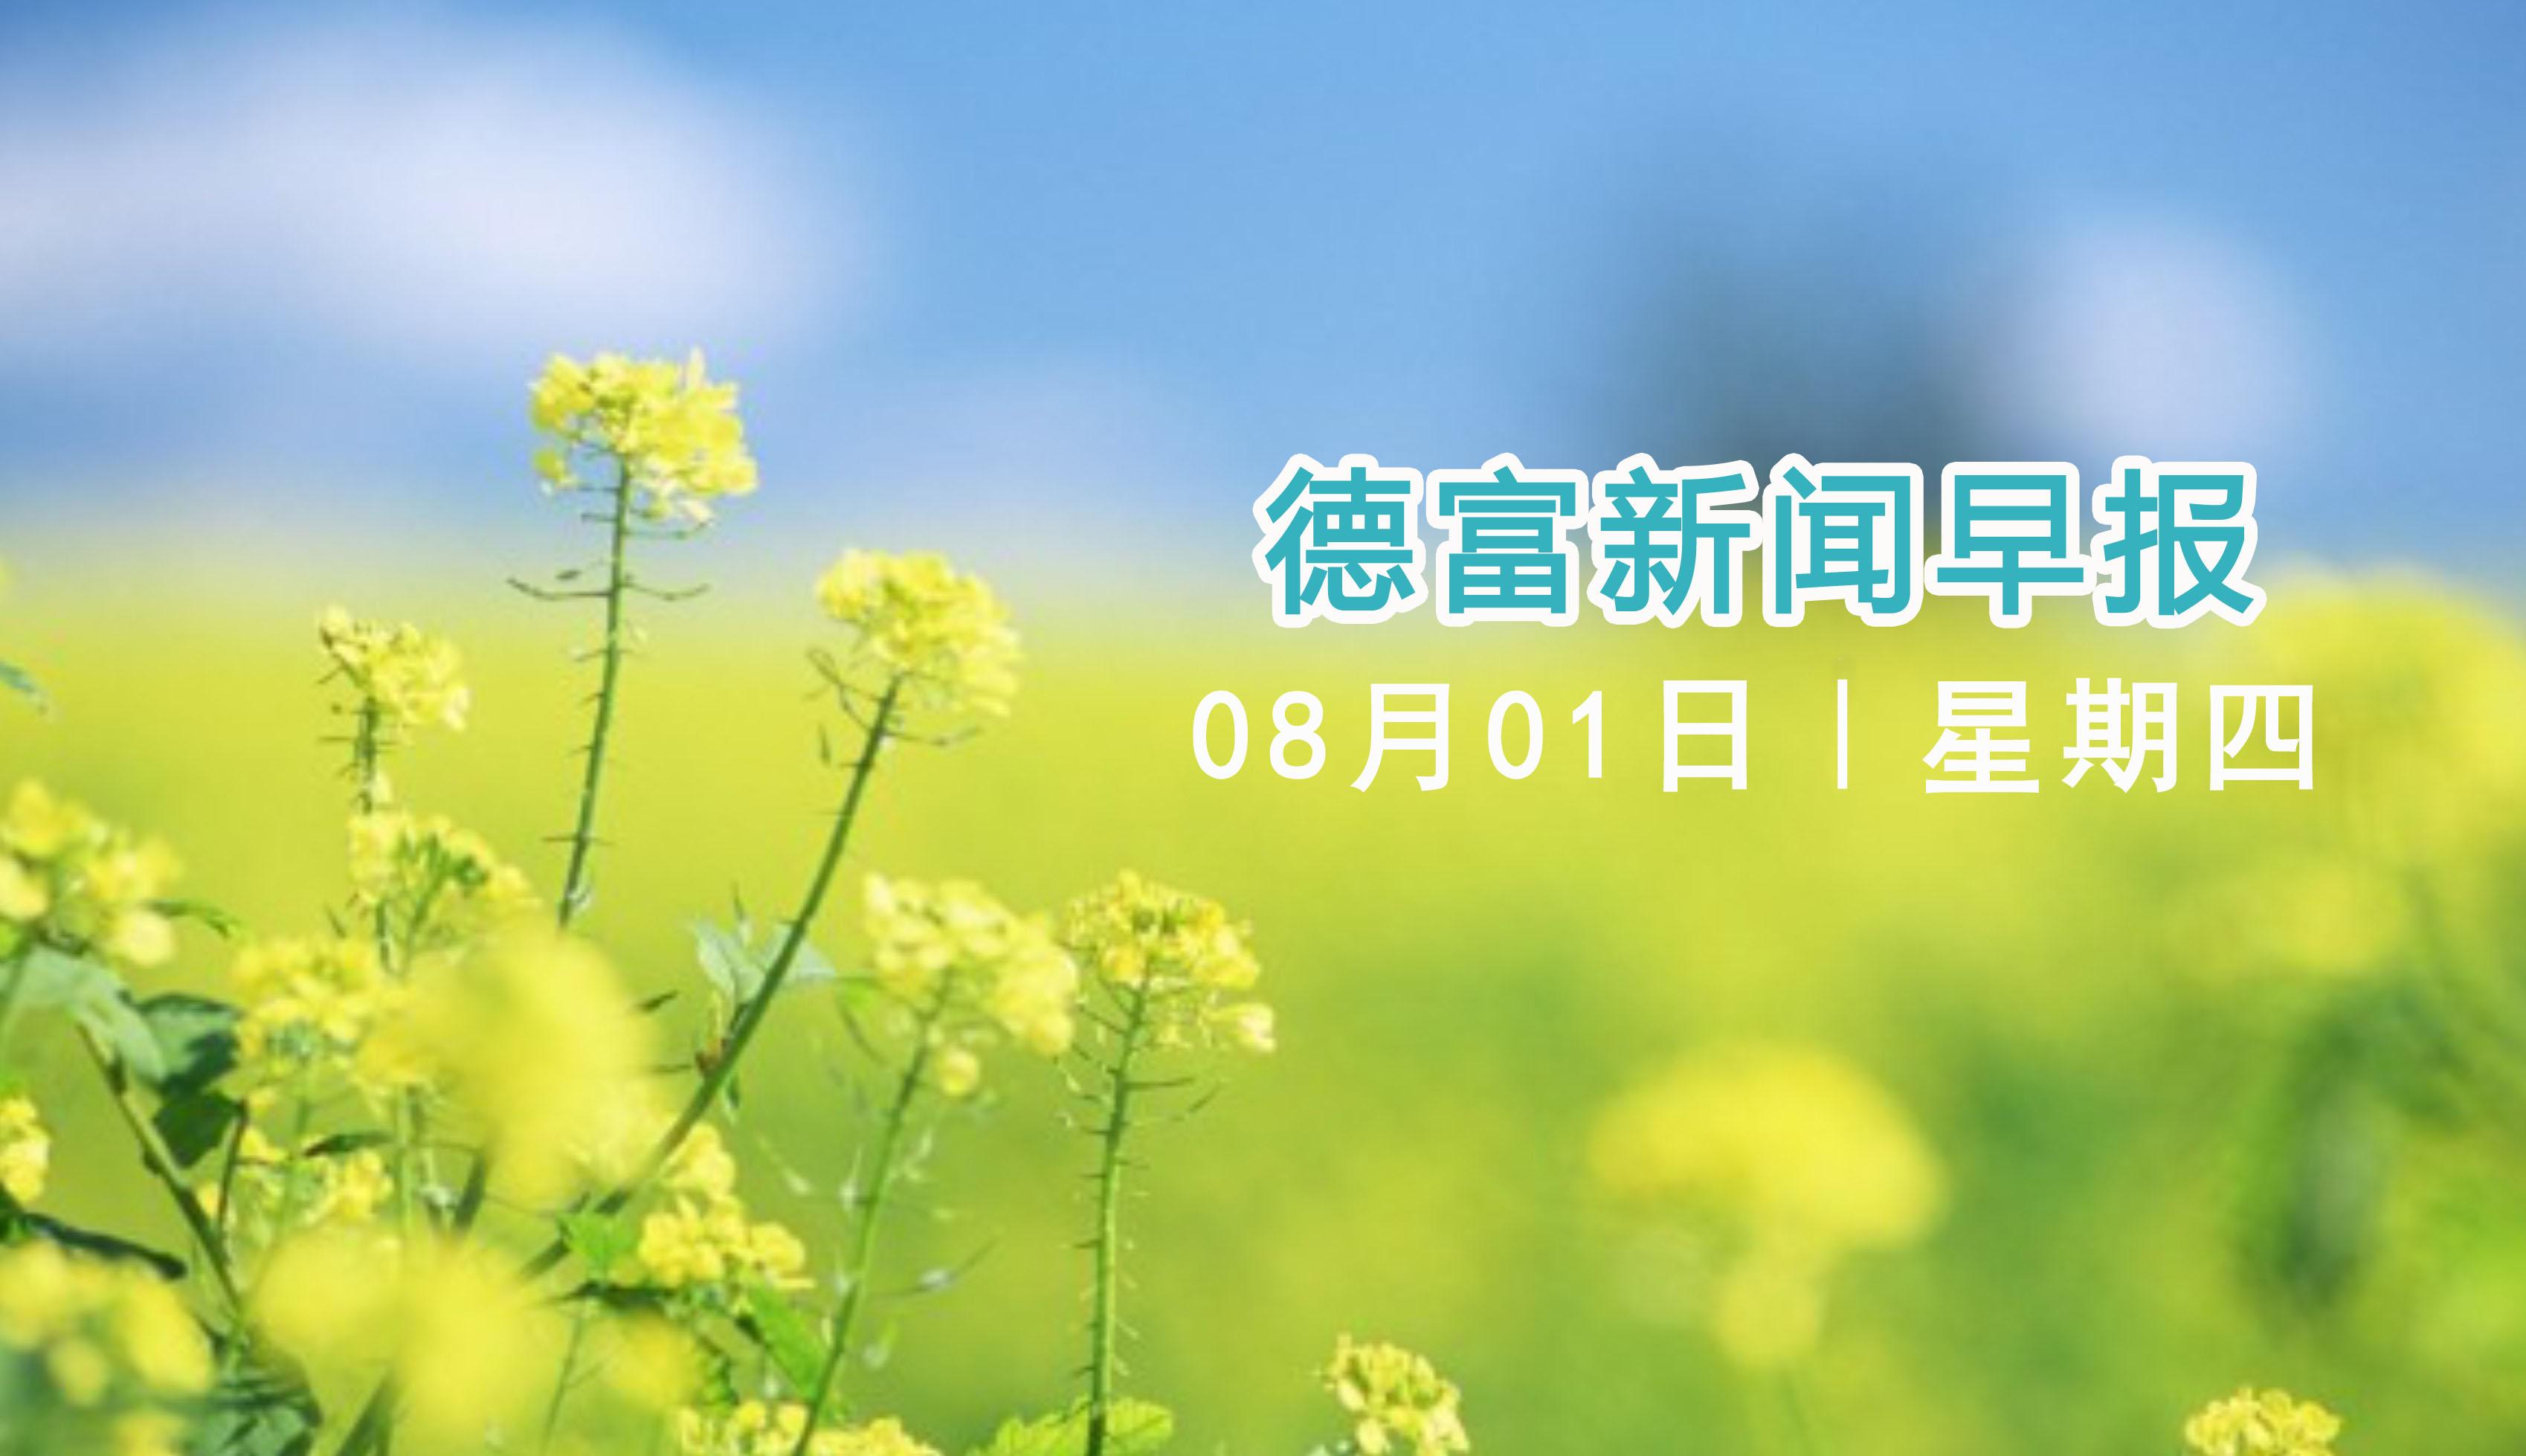 20190801德富新闻早报